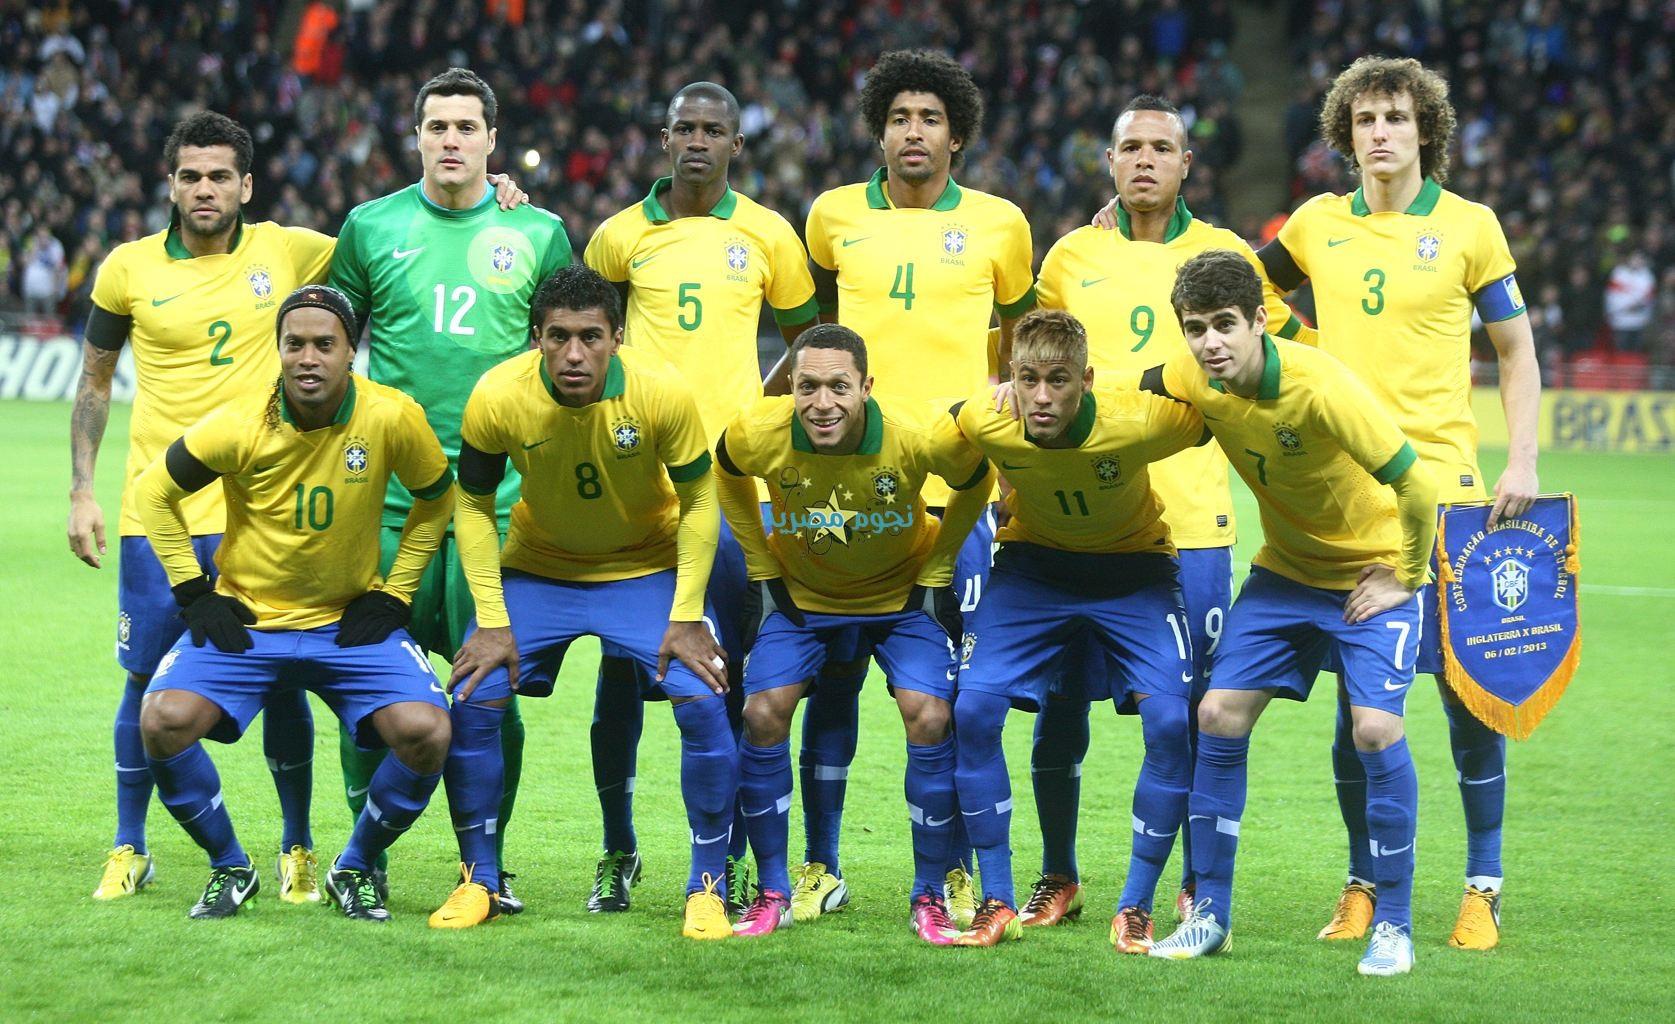 صور منتخب البرازيل في كأس العالم في البرازيل 2014